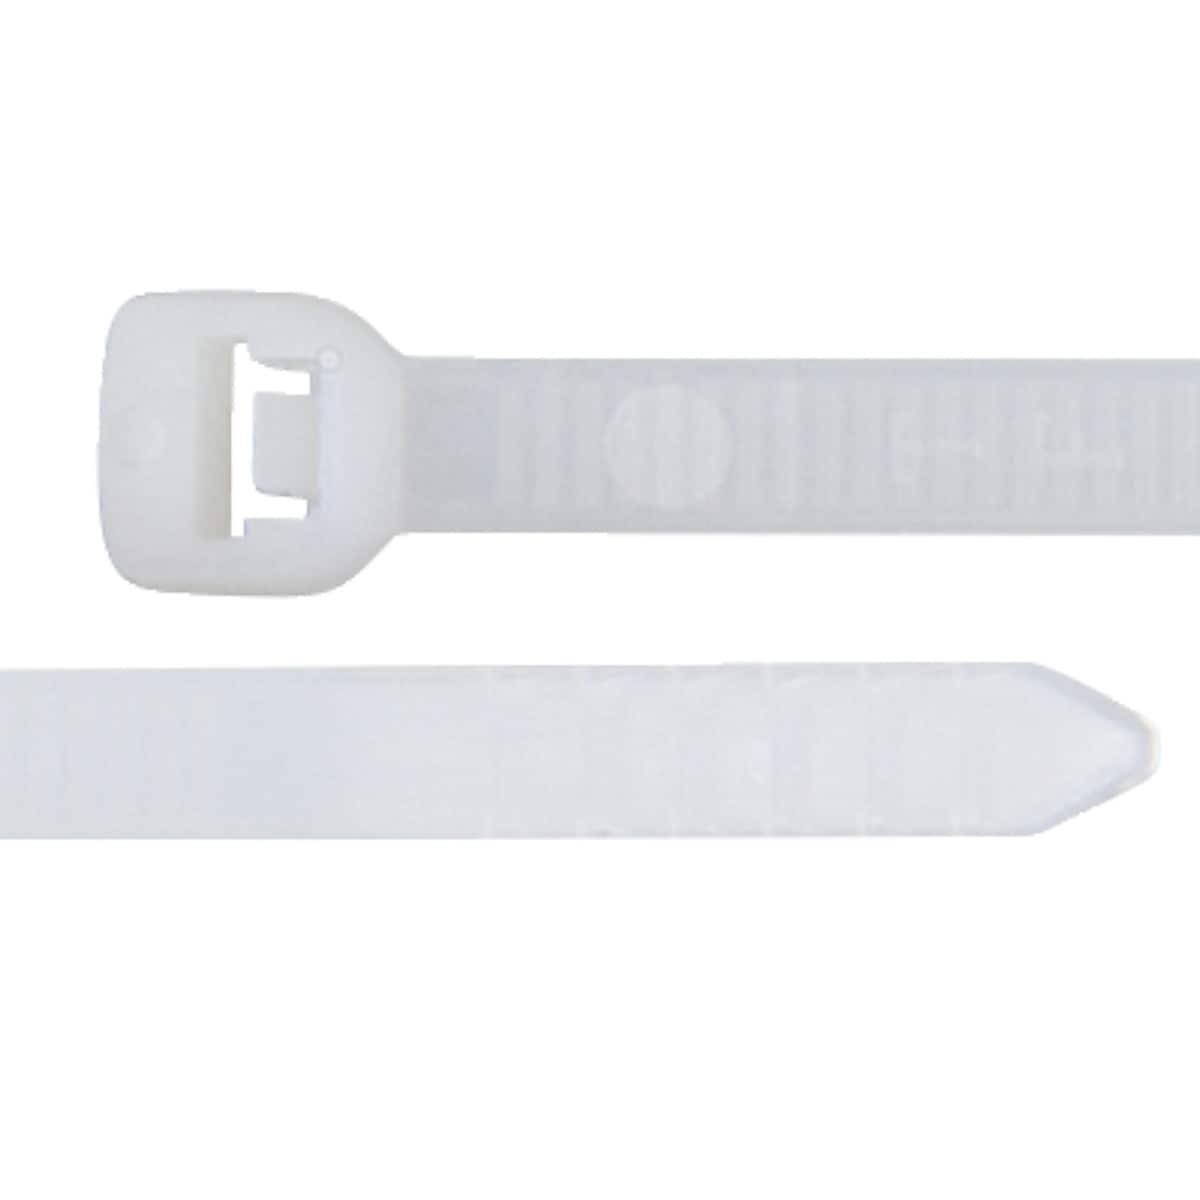 Buntebåndsett, hvite, 75-pack